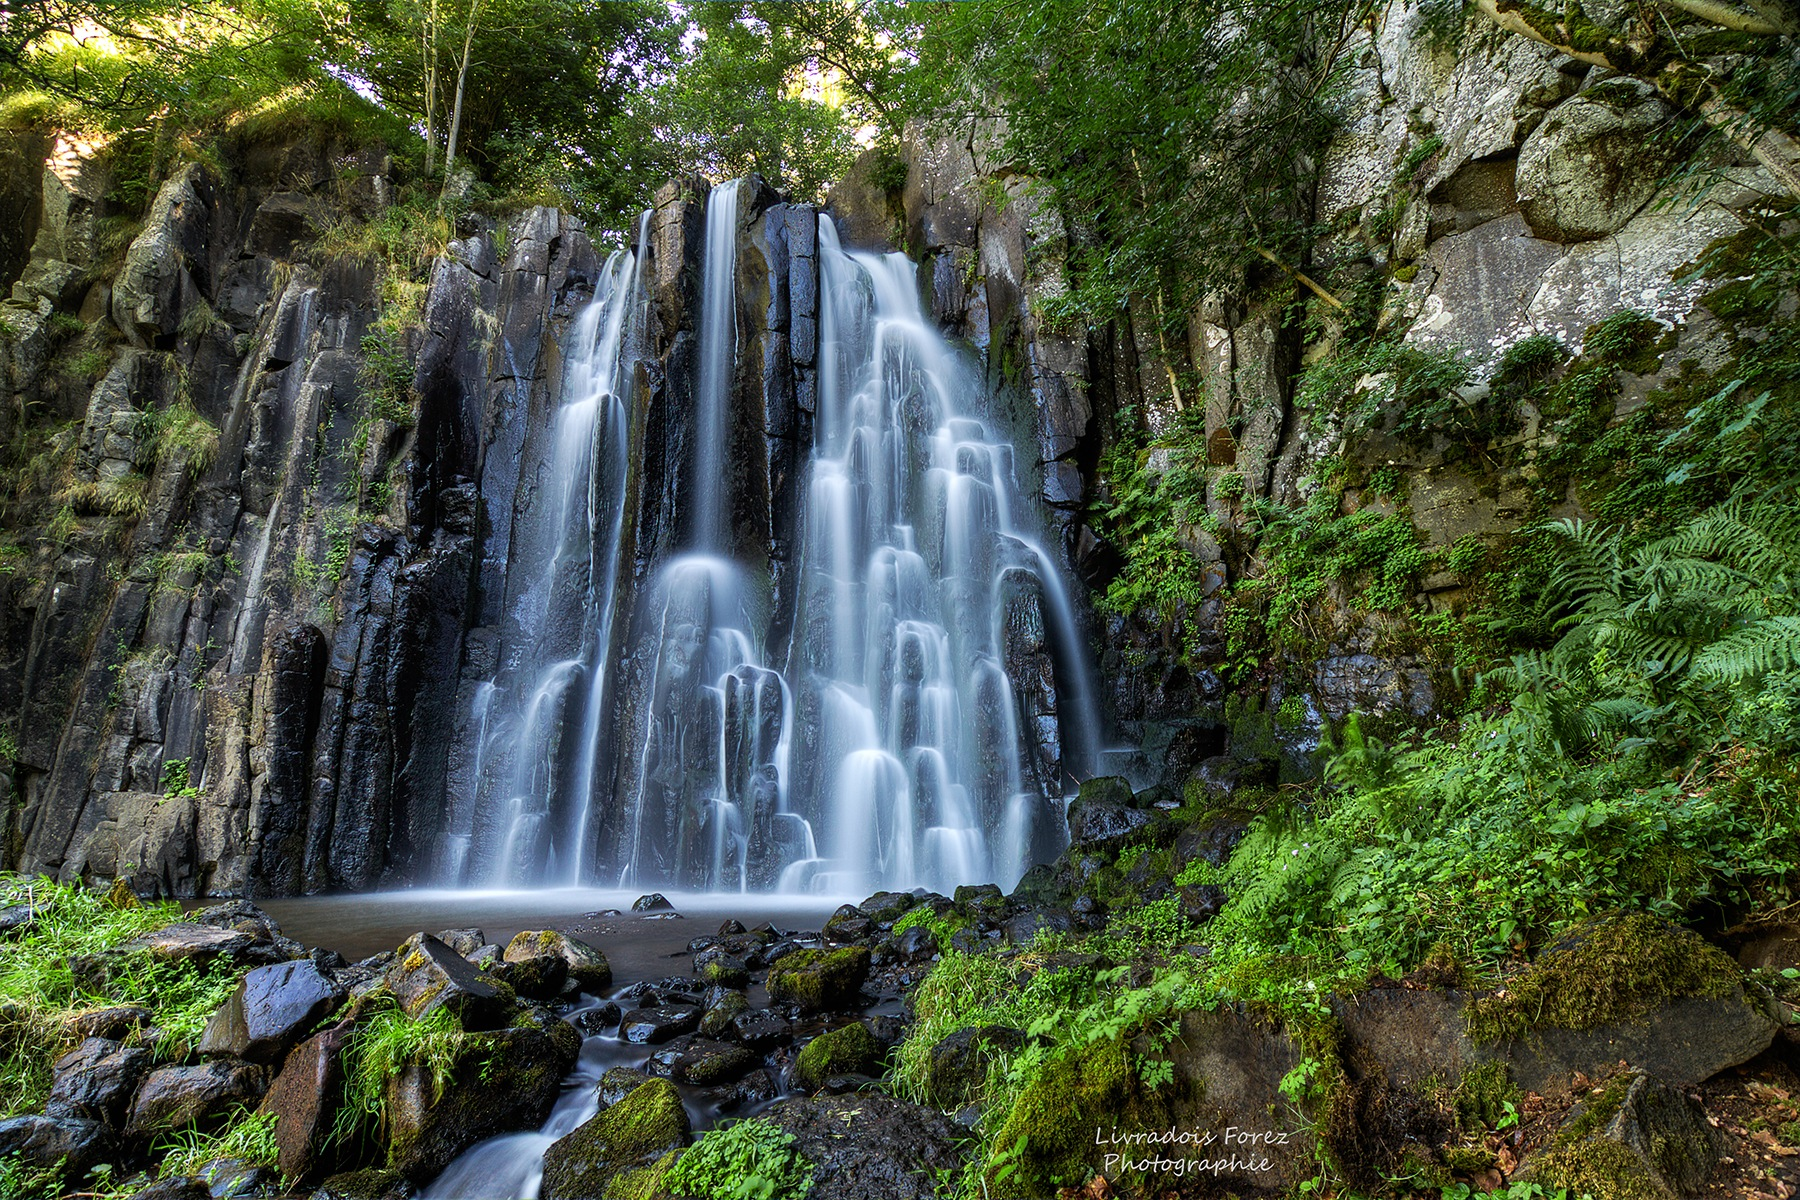 Cascade de la Terrisse by LivradoisForezPhotographie